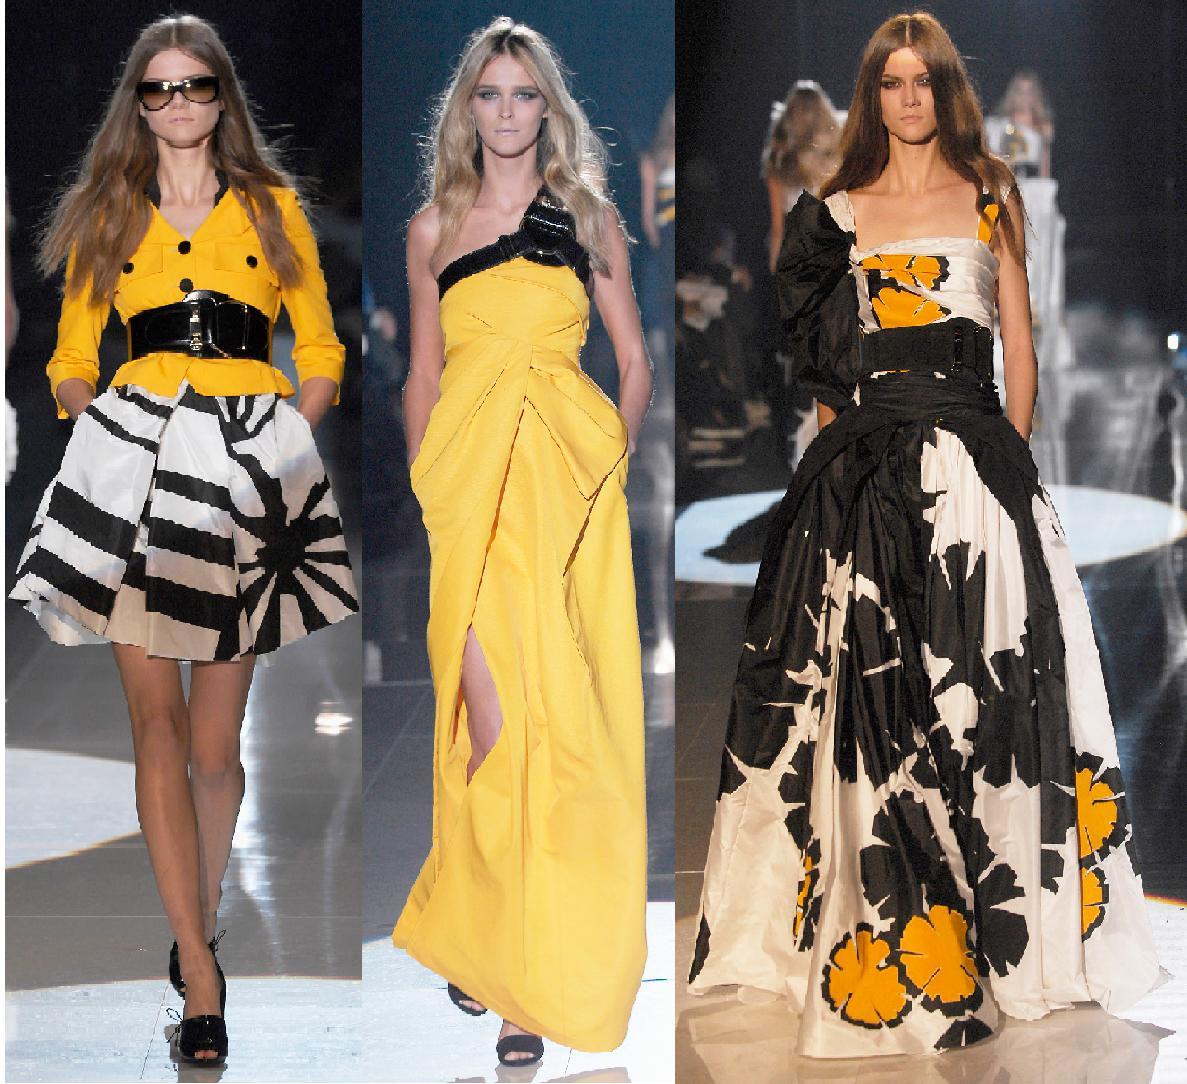 Fashion Tour Settimana Della Moda A Milano